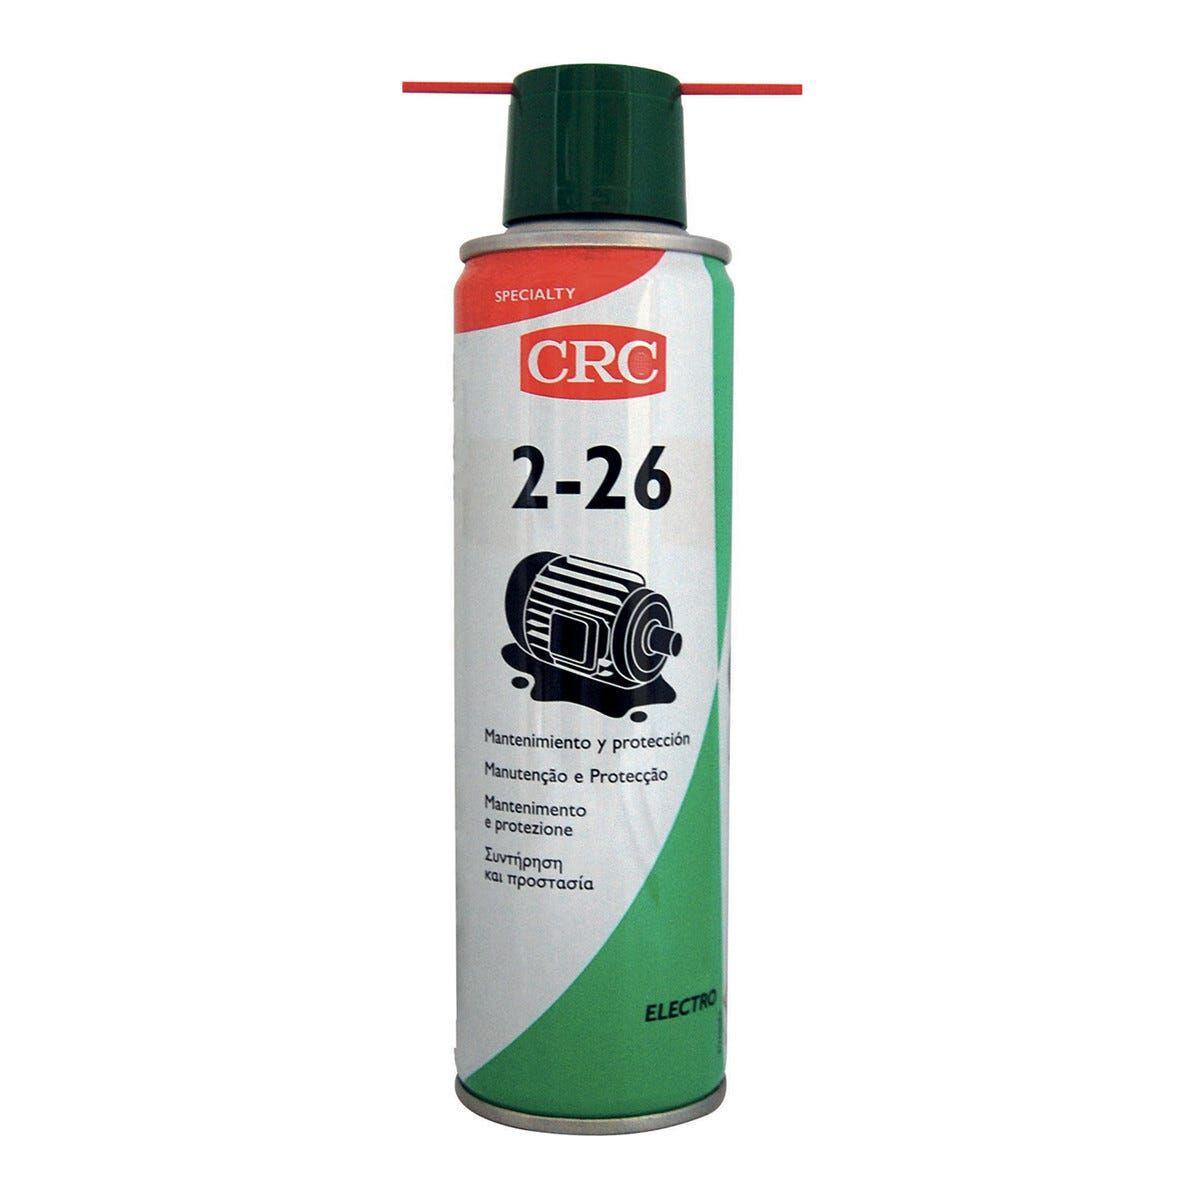 CRC Protettivo Idroespellente Contatti Elettrici Spray 250 Ml   2-26